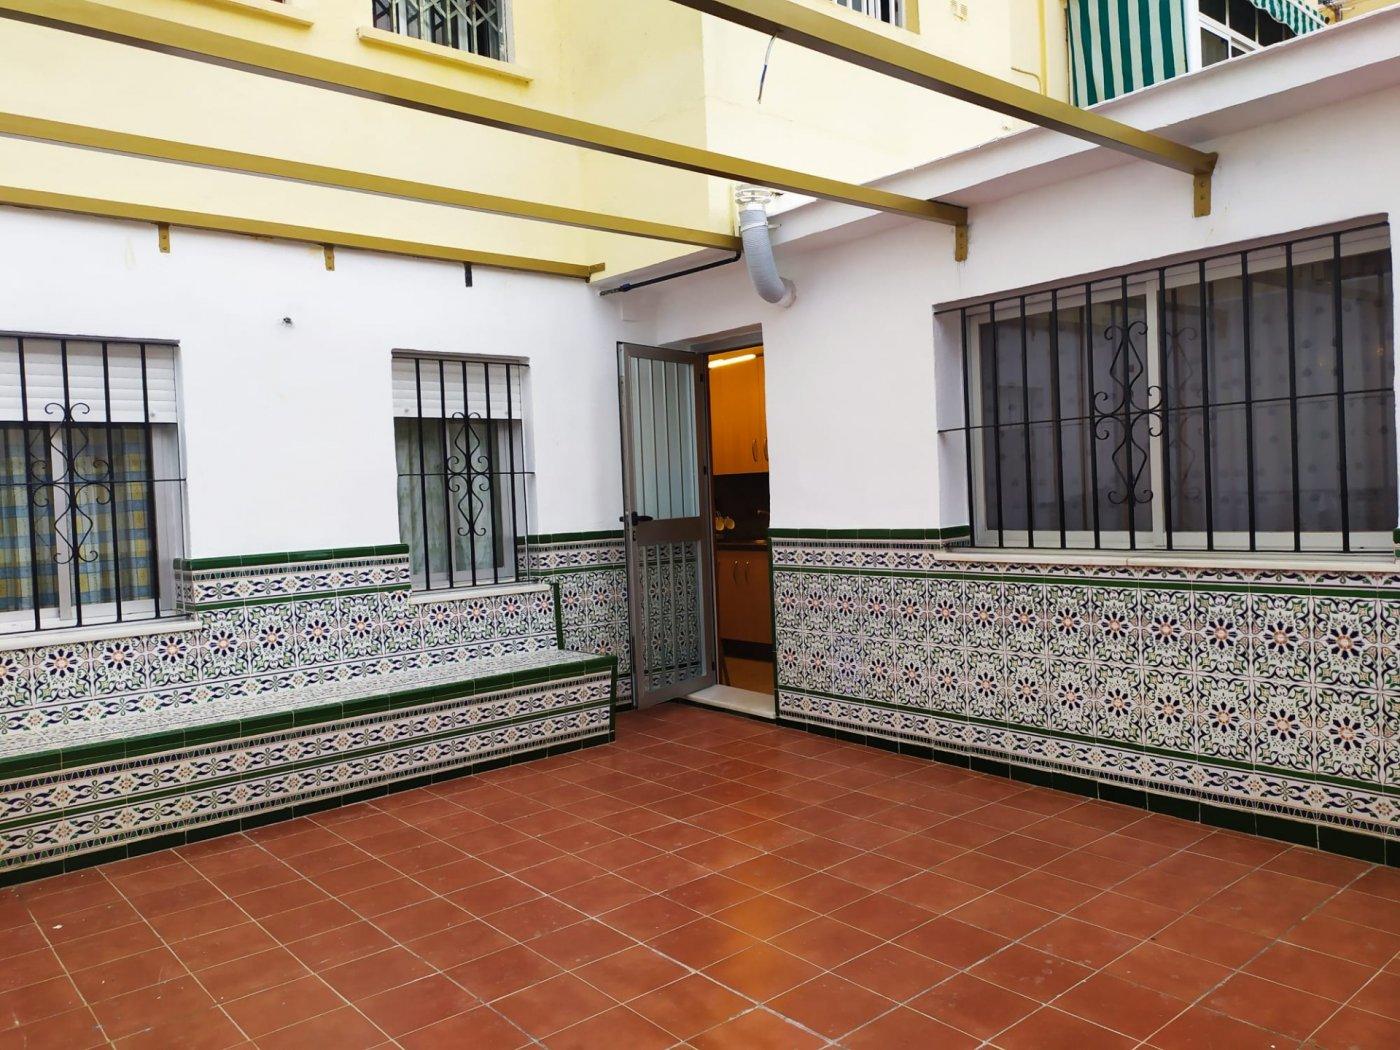 Piso en Fuengirola Centro - Avda. de Mijas